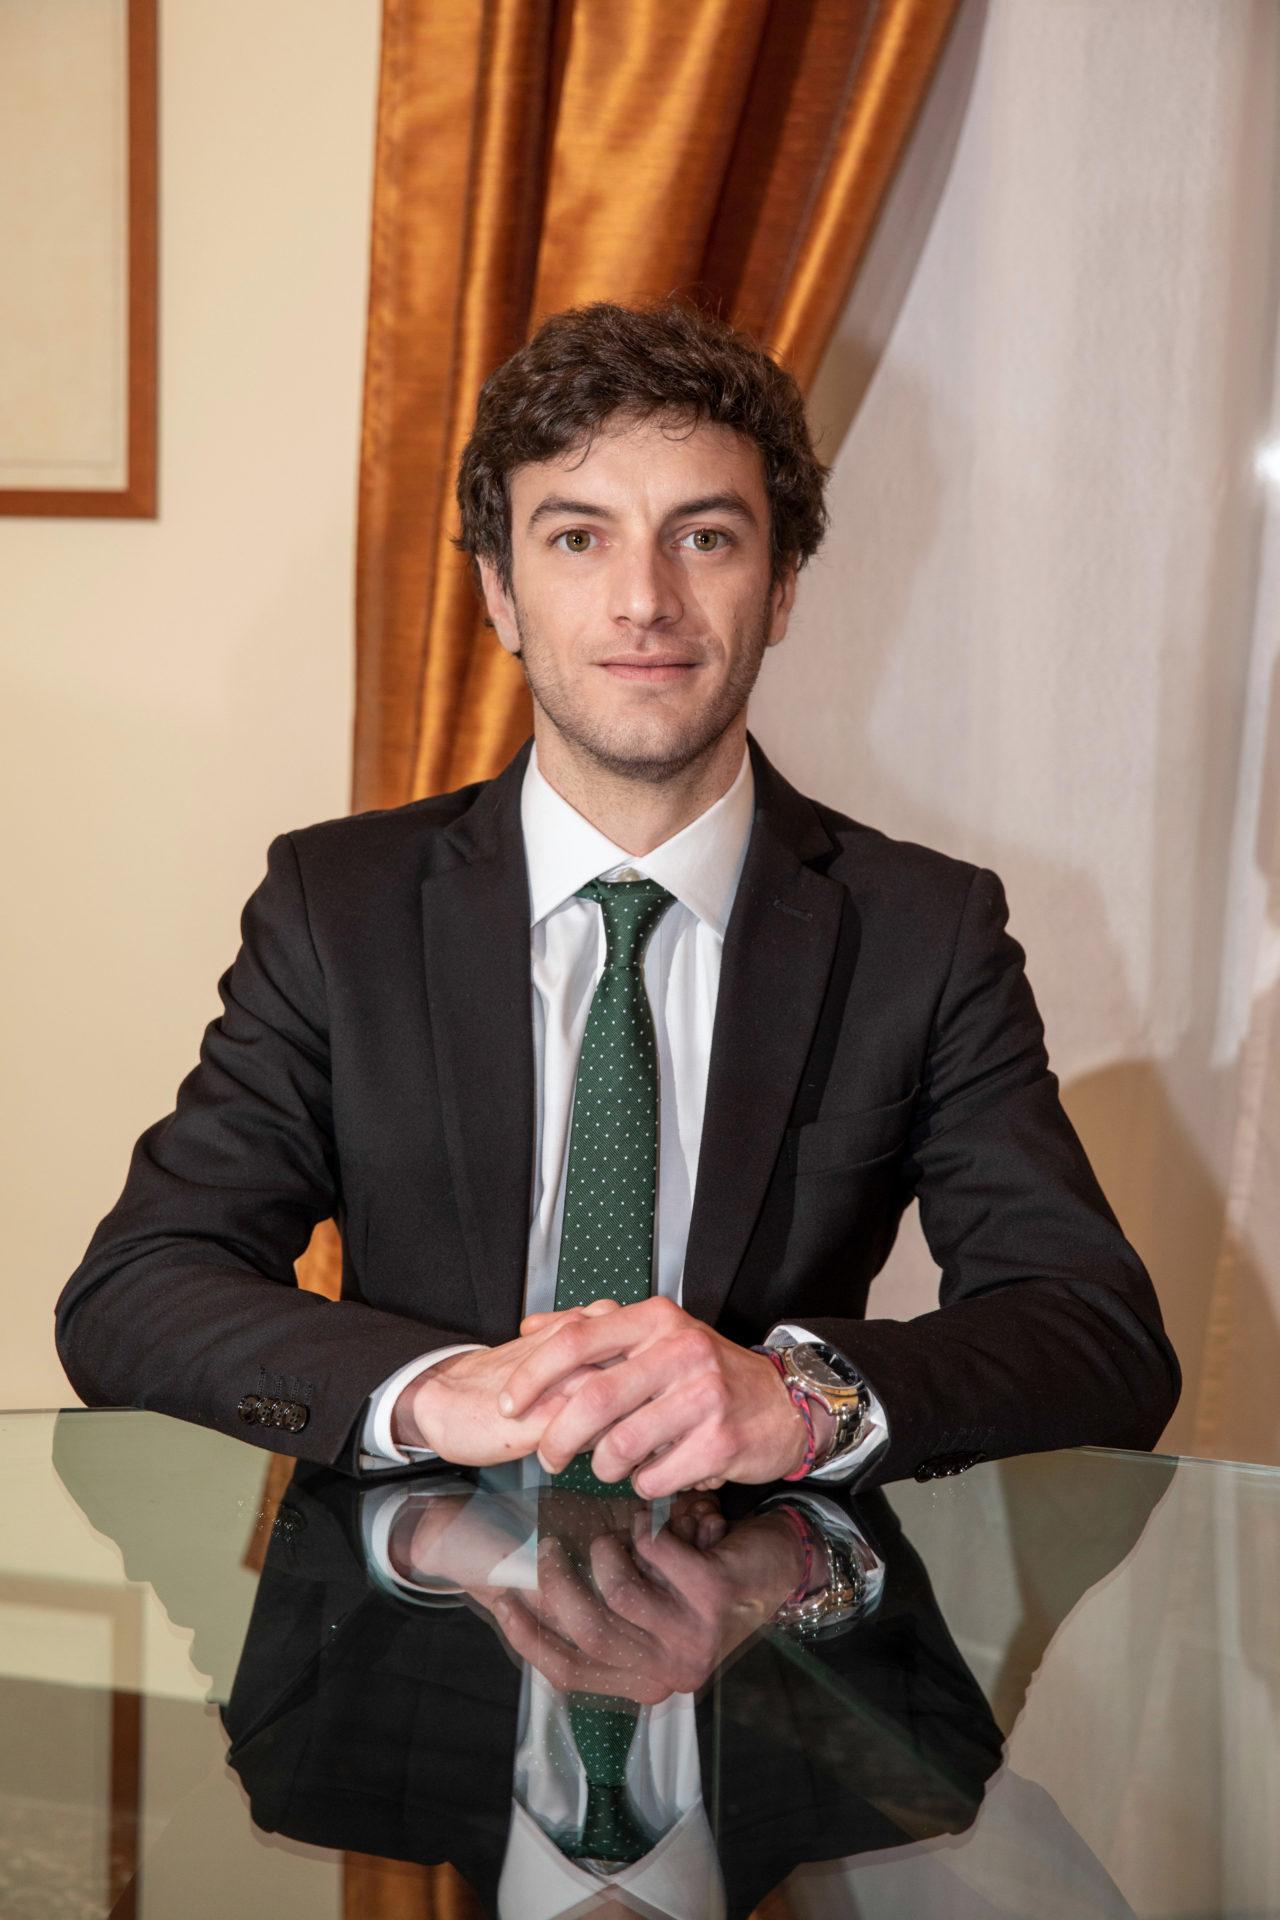 Dott. Matteo Tagliabue